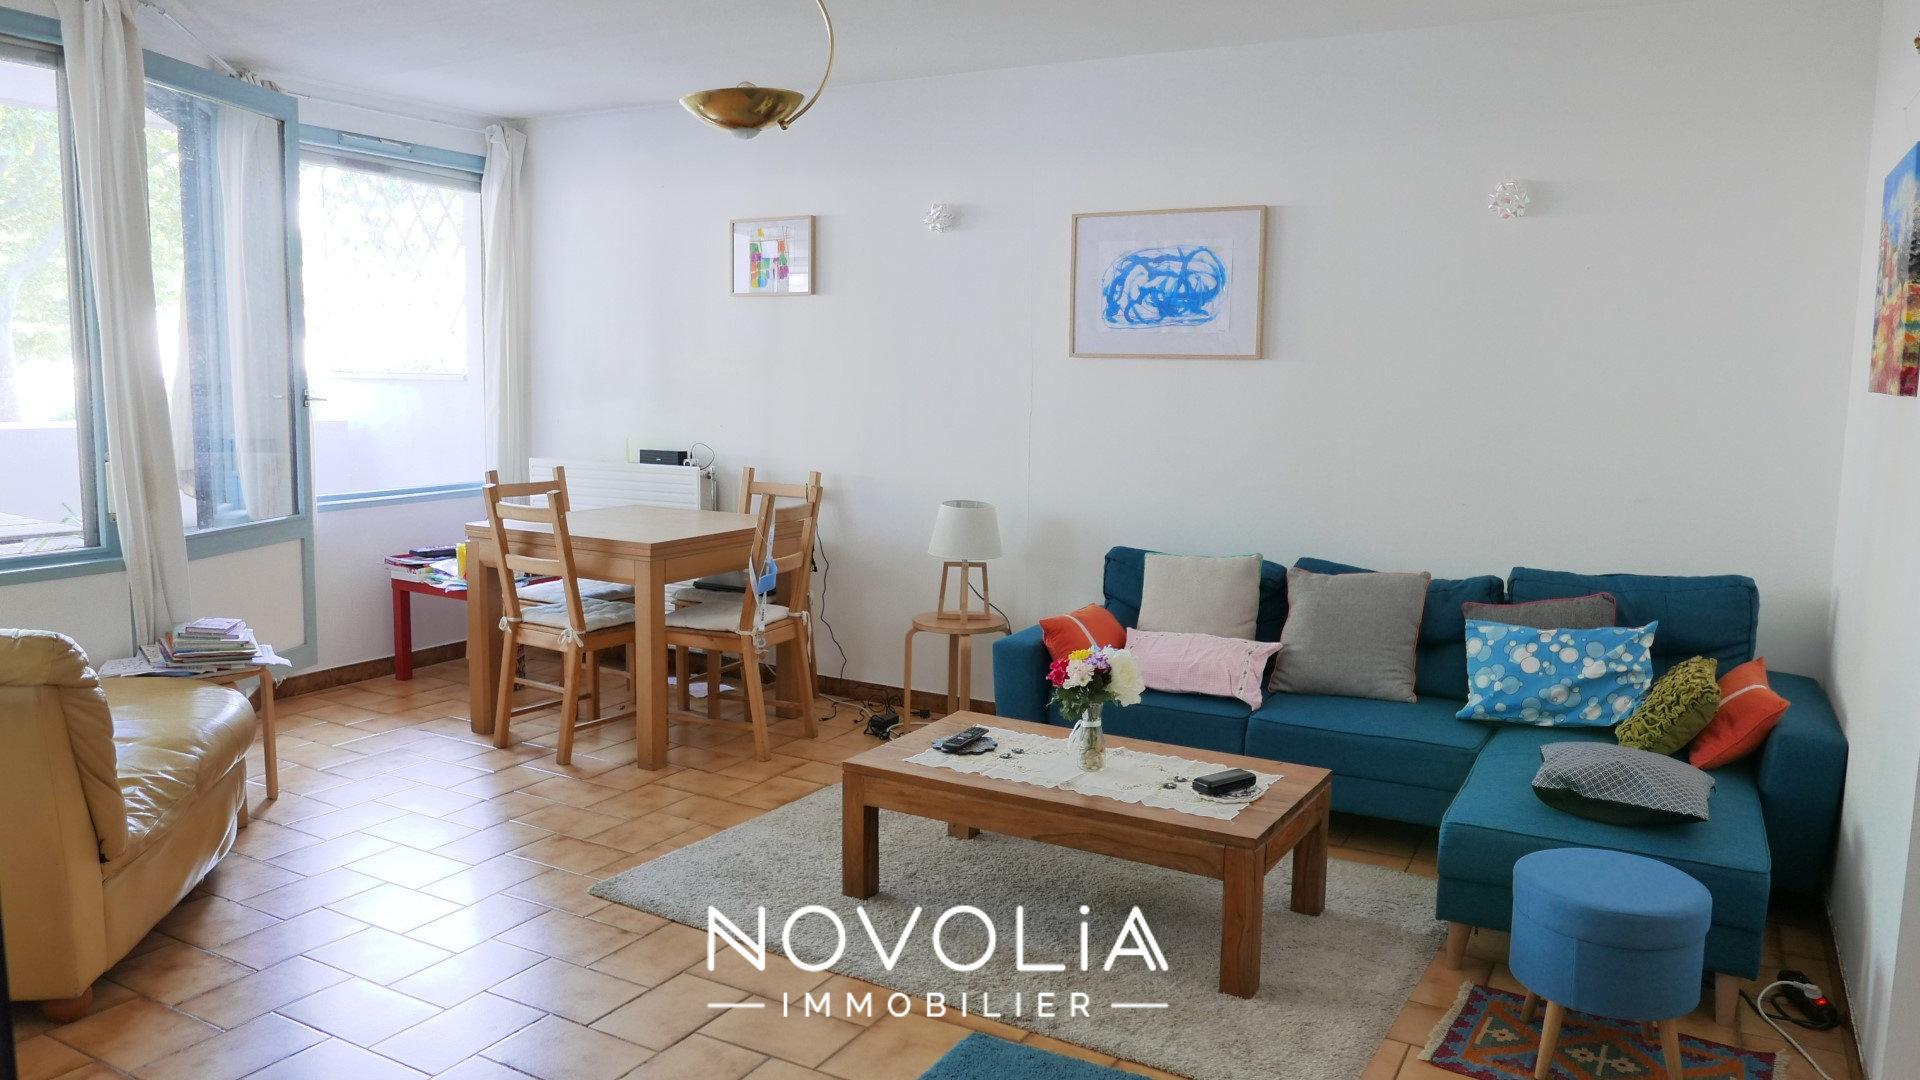 Achat Appartement Surface de 95.14 m², 4 pièces, Lyon 8ème (69008)